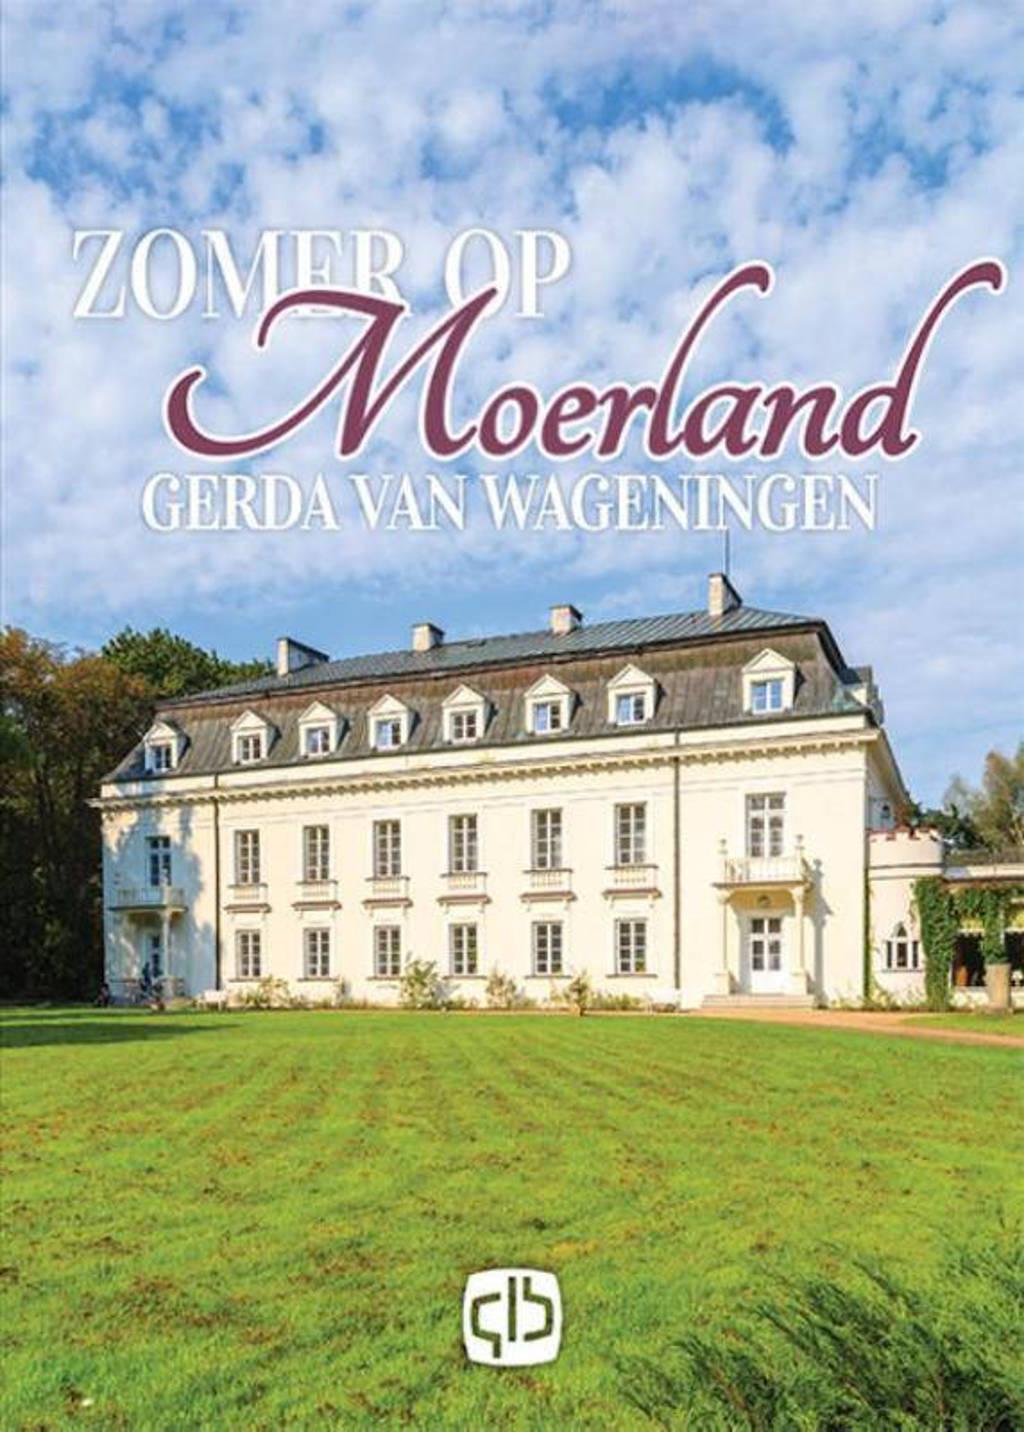 Moerland: Zomer op Moerland - Gerda van Wageningen